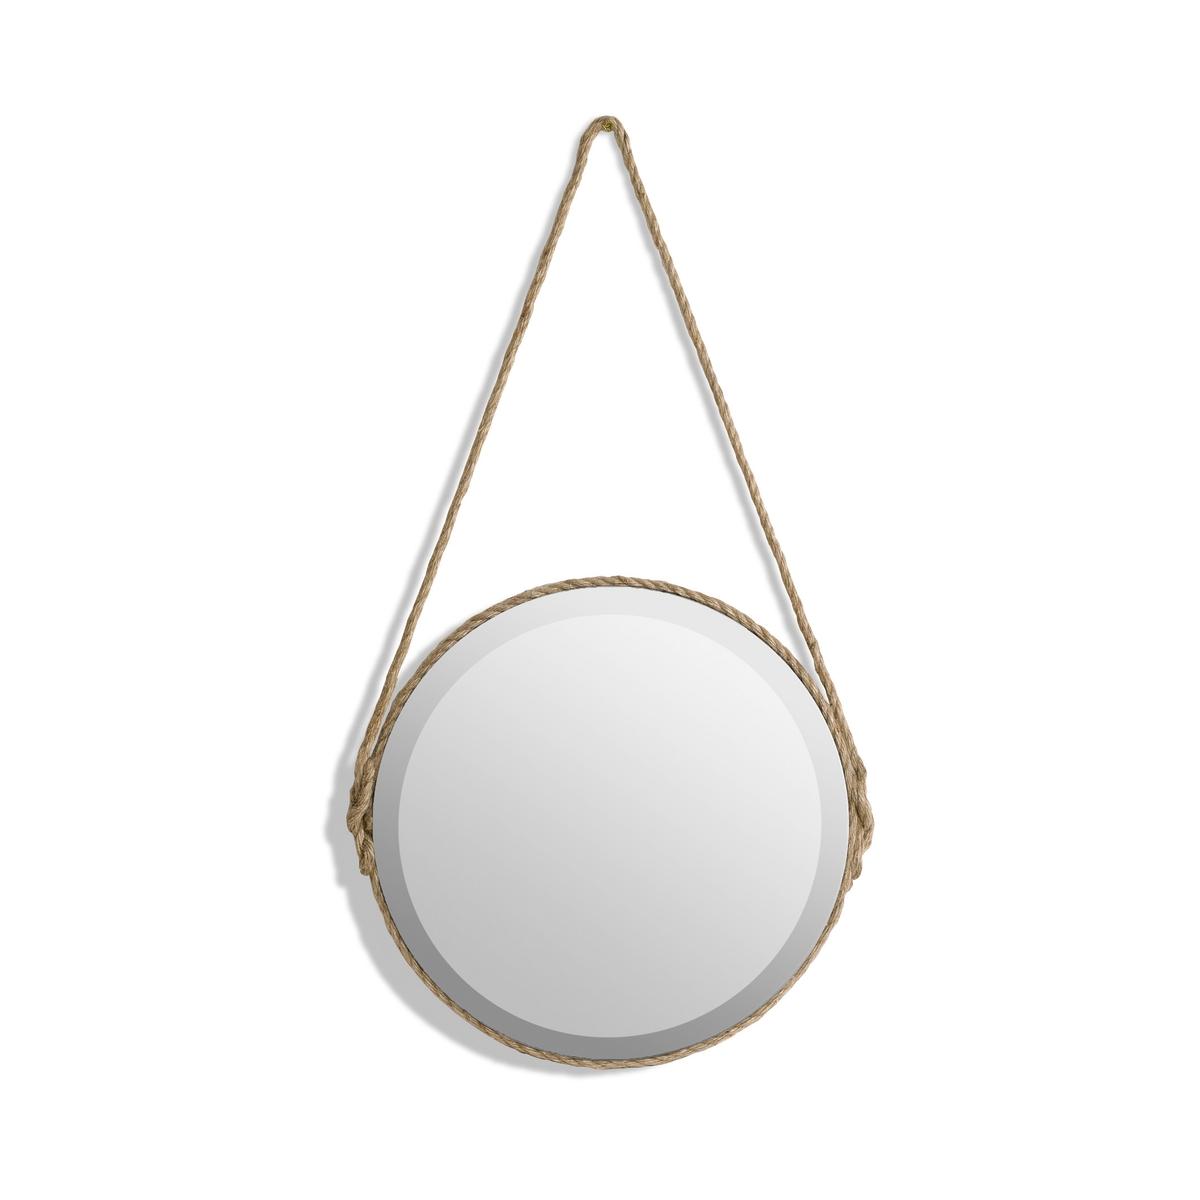 Зеркало Lien, диаметр 35 смЗеркало Lien с эффектом гранения. Игра света наполнит интерьер сиянием ! Характеристики :- Отделка цветным шнуром из хлопка, шнур для подвешивания.- Задняя панель из МДФ.Размеры :- Диаметр 35 x высота 64,5 см.- Зеркало, диаметр 35 см<br><br>Цвет: серо-бежевый,черный